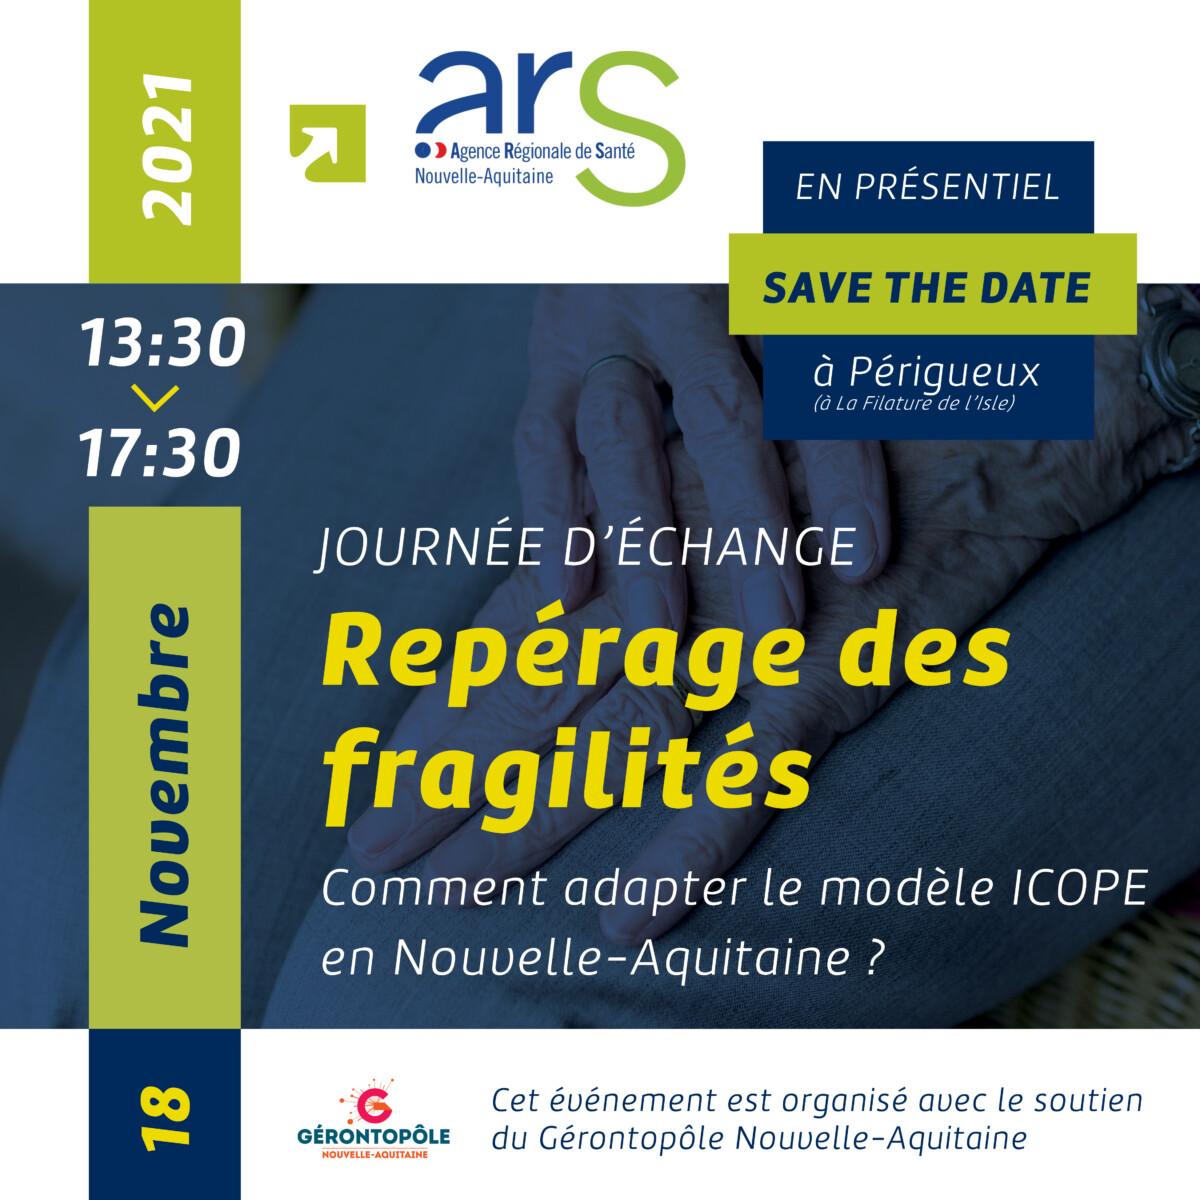 Journée d'échange » Repérage des fragilités : comment adapter le modèle ICOPE en Nouvelle-Aquitaine ? «